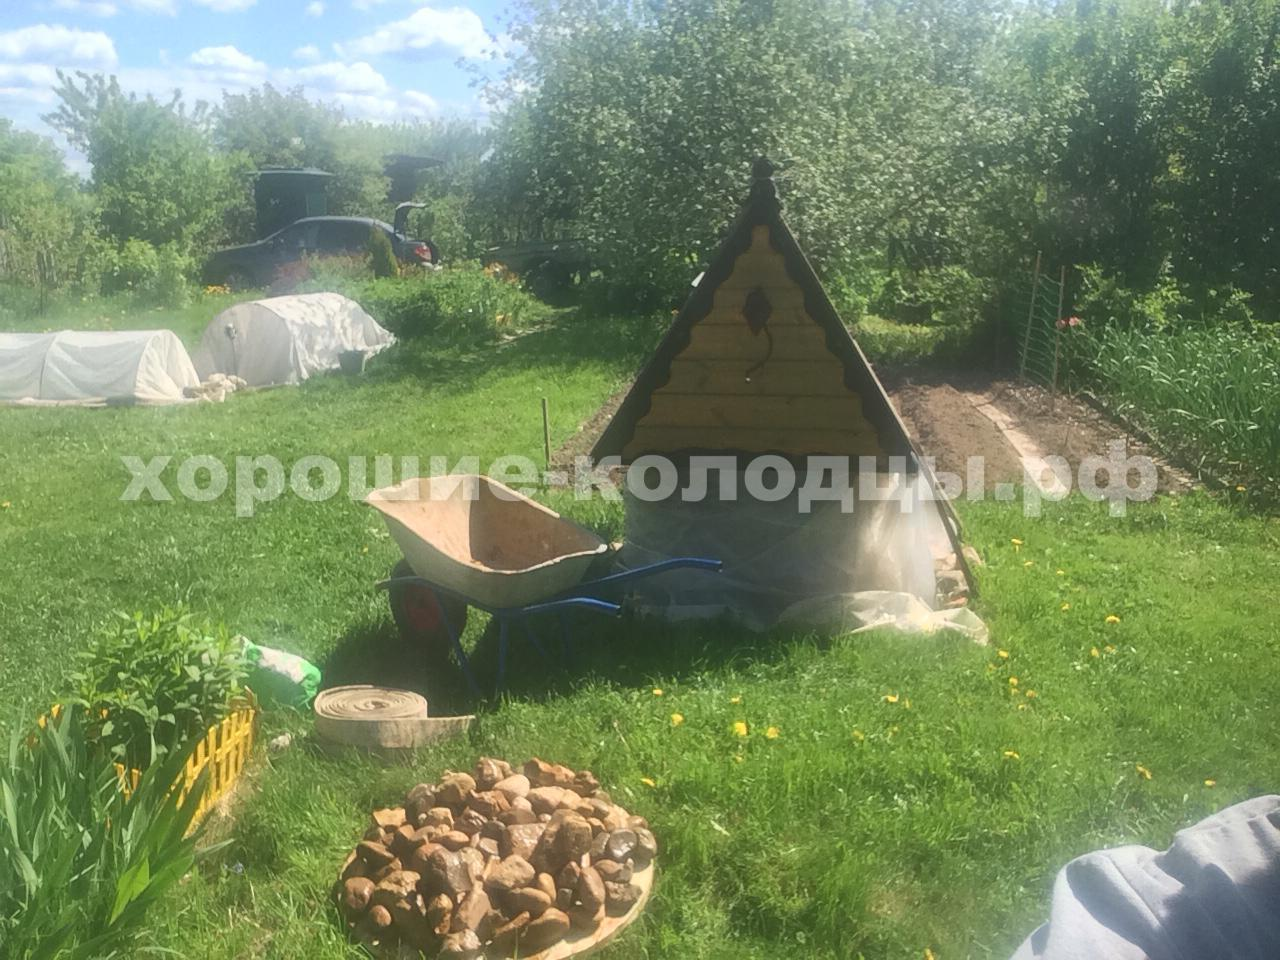 Чистка колодца на воду 9 колец в д. Тетерино, Можайский р-н, Подмосковье.